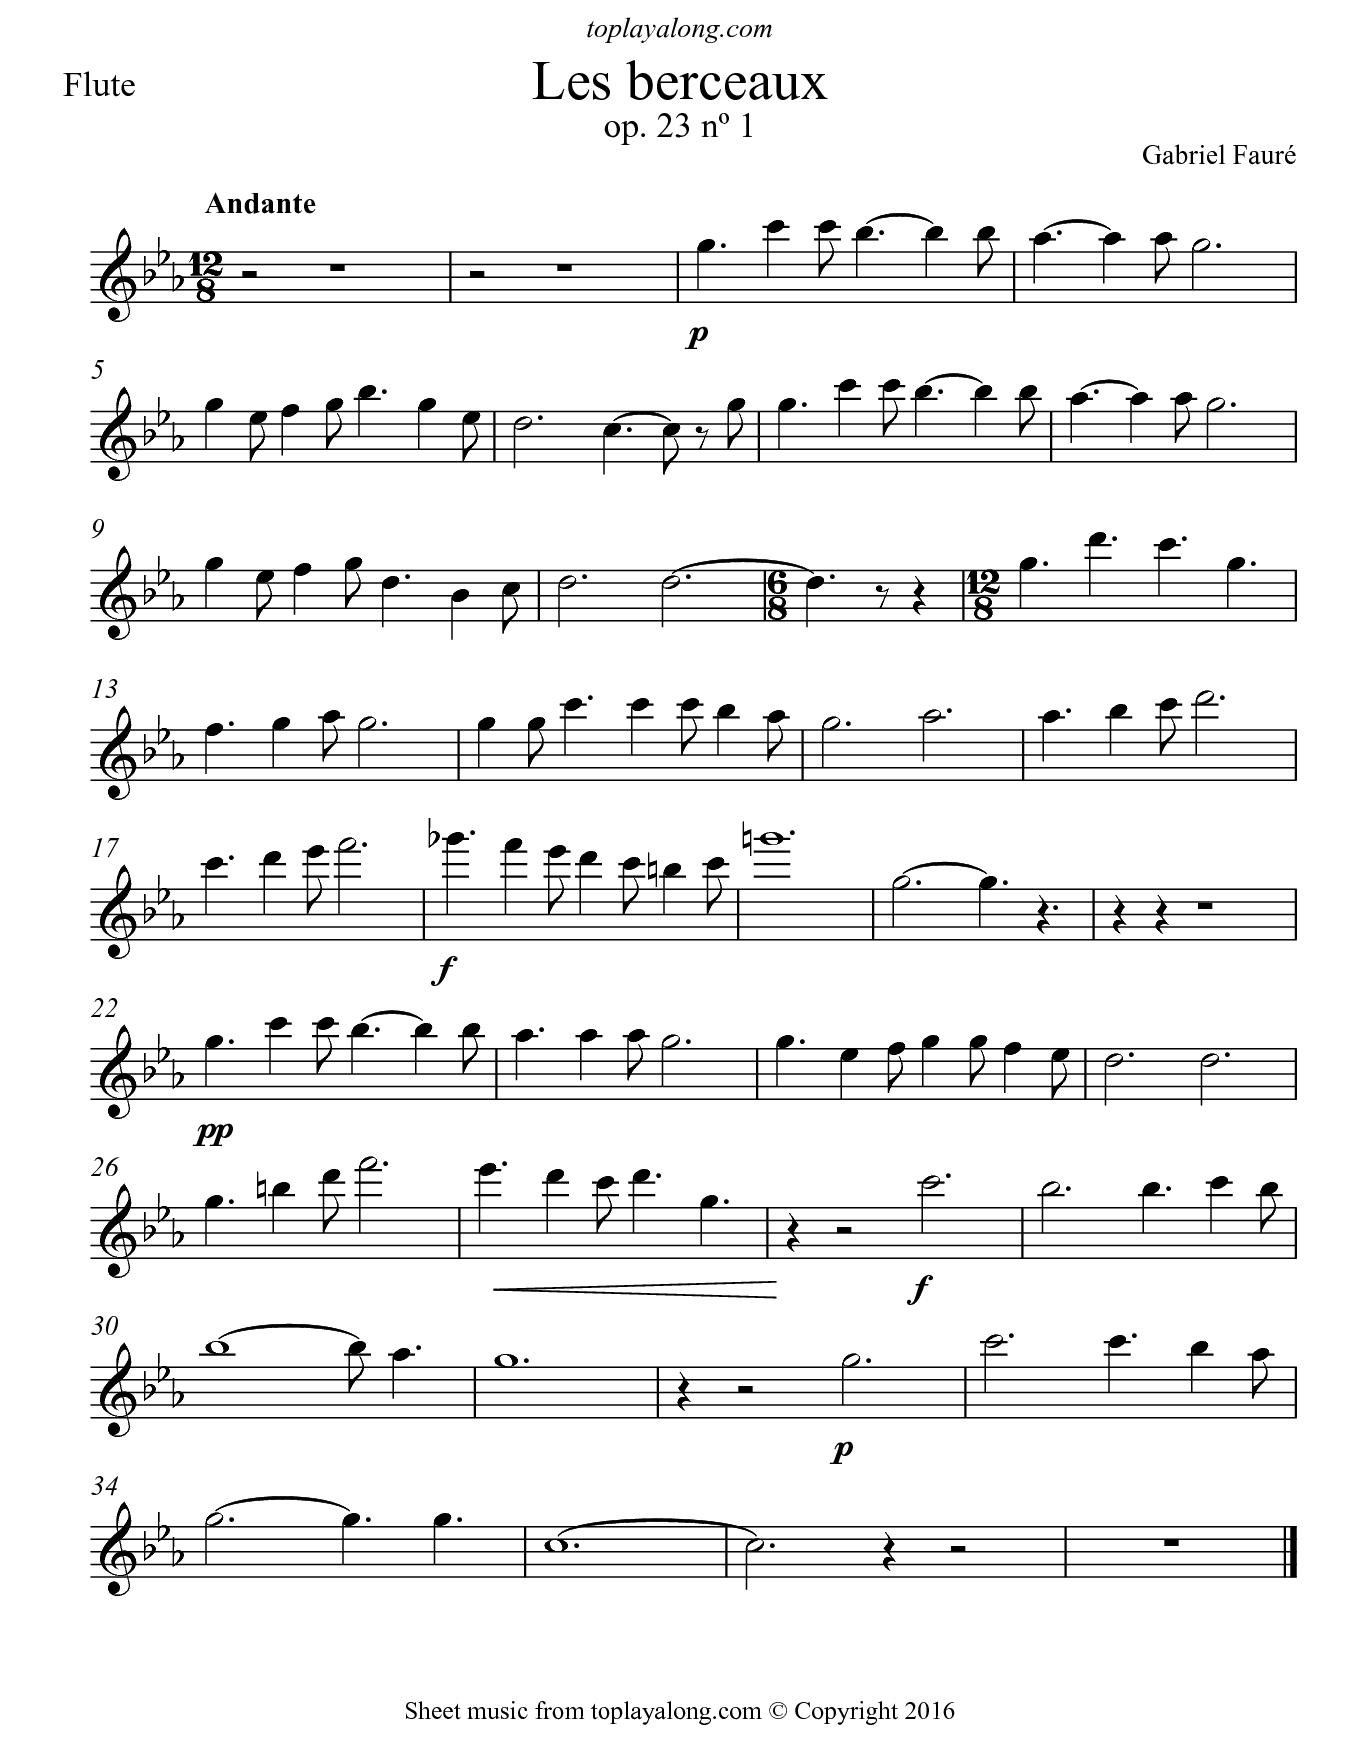 Les berceaux by Fauré. Sheet music for Flute, page 1.